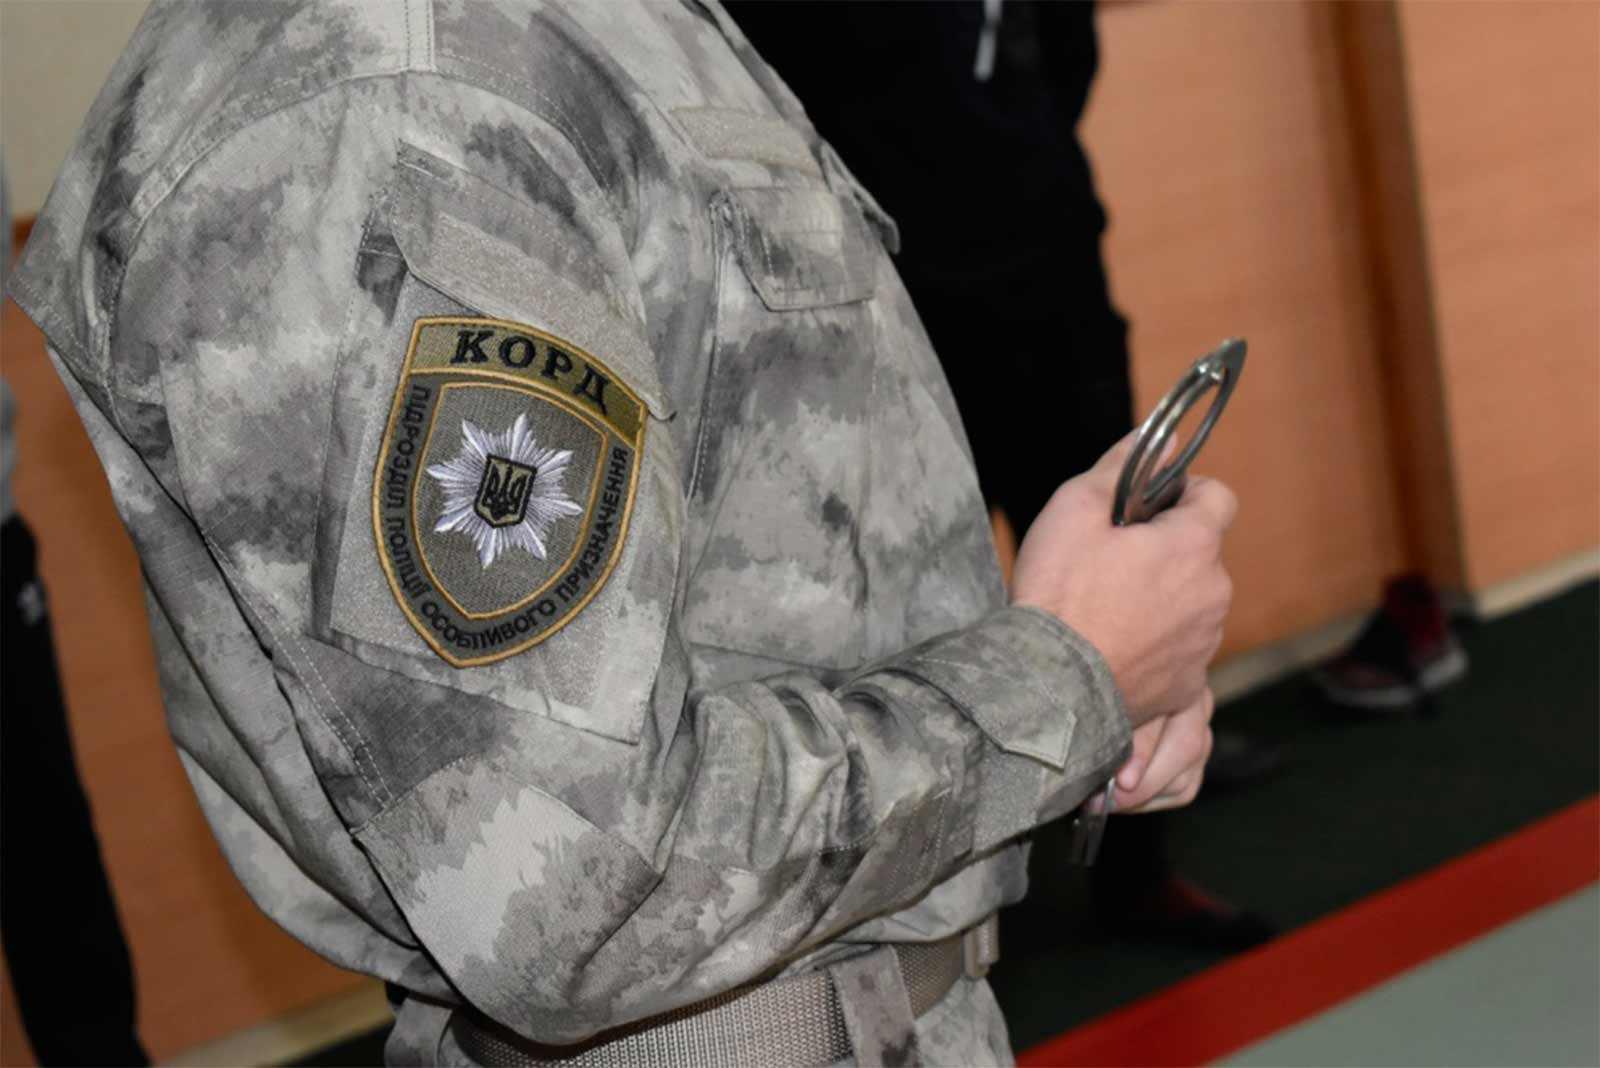 КОРДівці вчили курсантів діяти в екстремальних ситуаціях